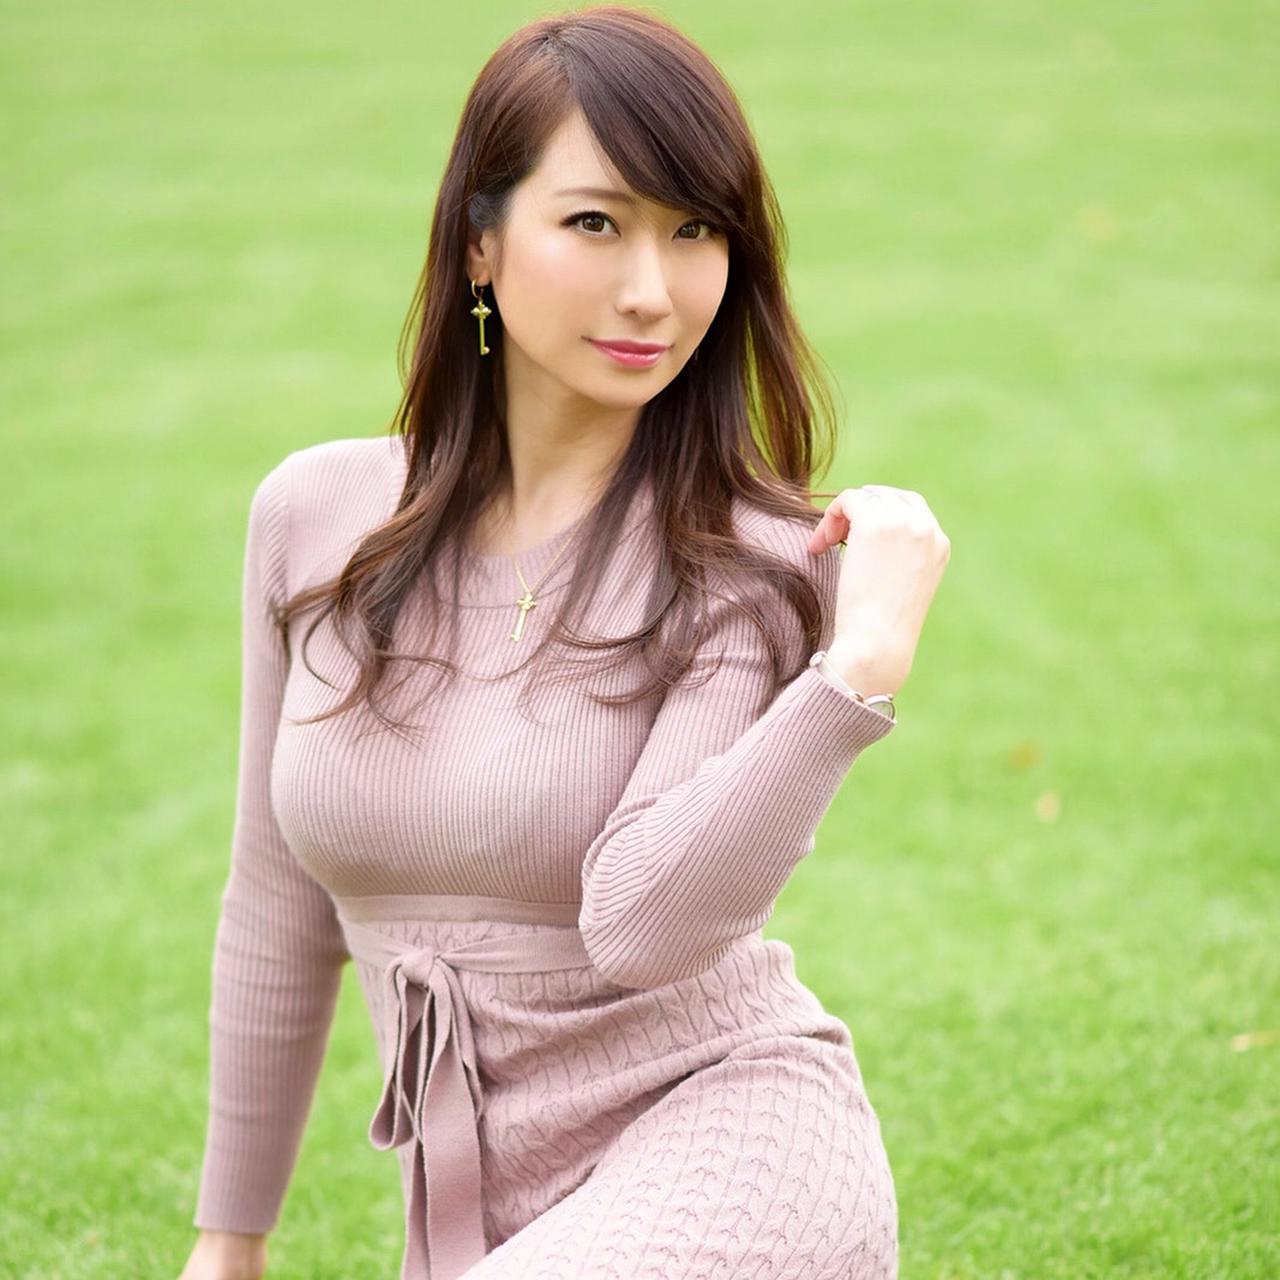 画像10: 大人の夏を楽しむ、MADE IN JAPANのメンズレザーサンダルに注目!